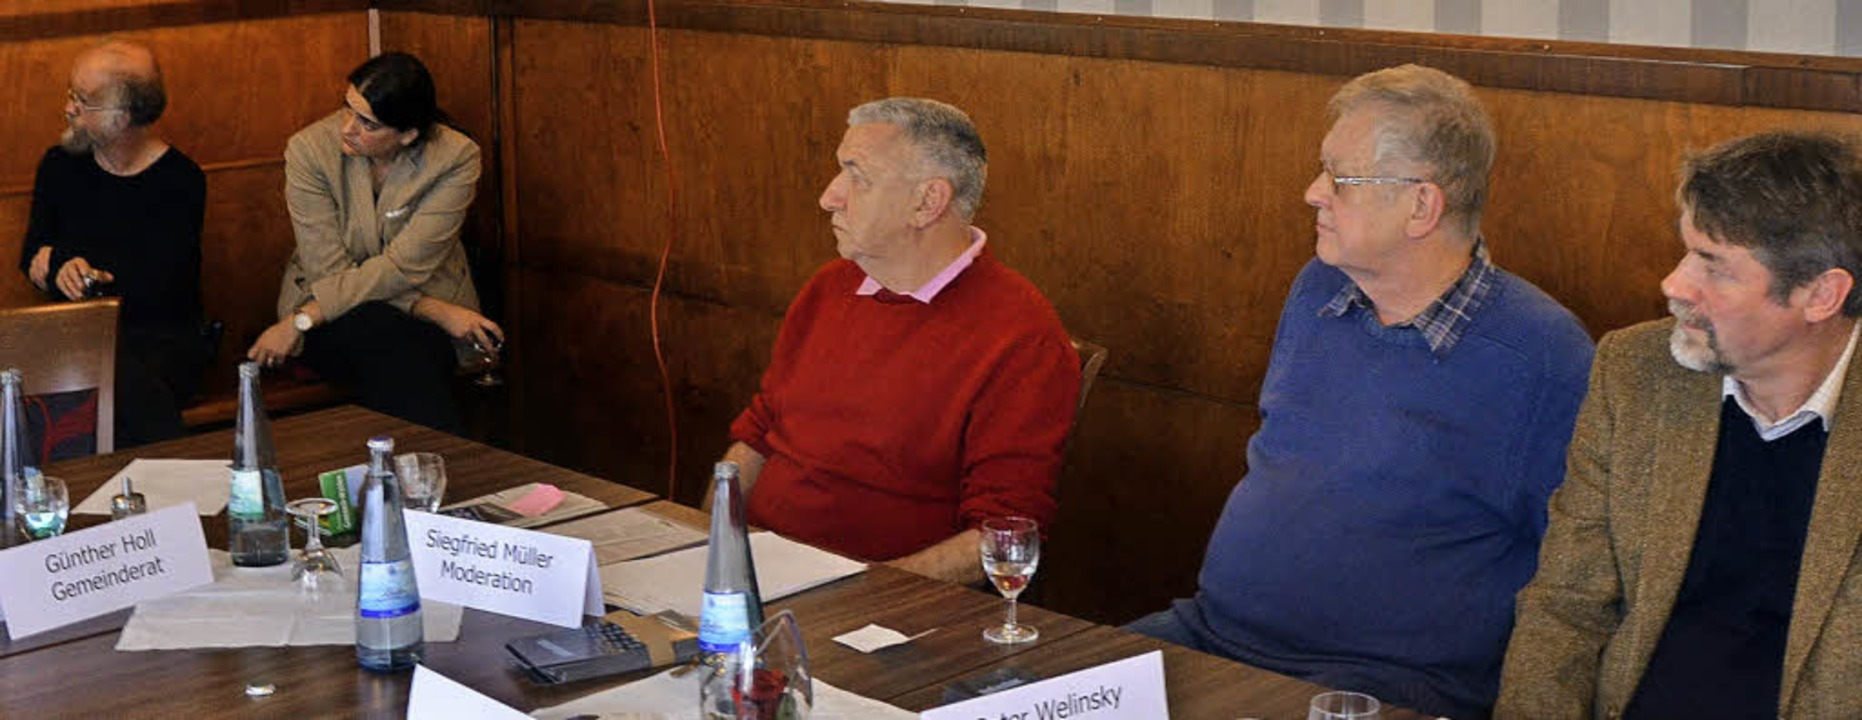 Vorträge gab es beim Pressegespräch de...briele Rasenberger und Thomas Dix zu.   | Foto: Ralf H. Dorweiler